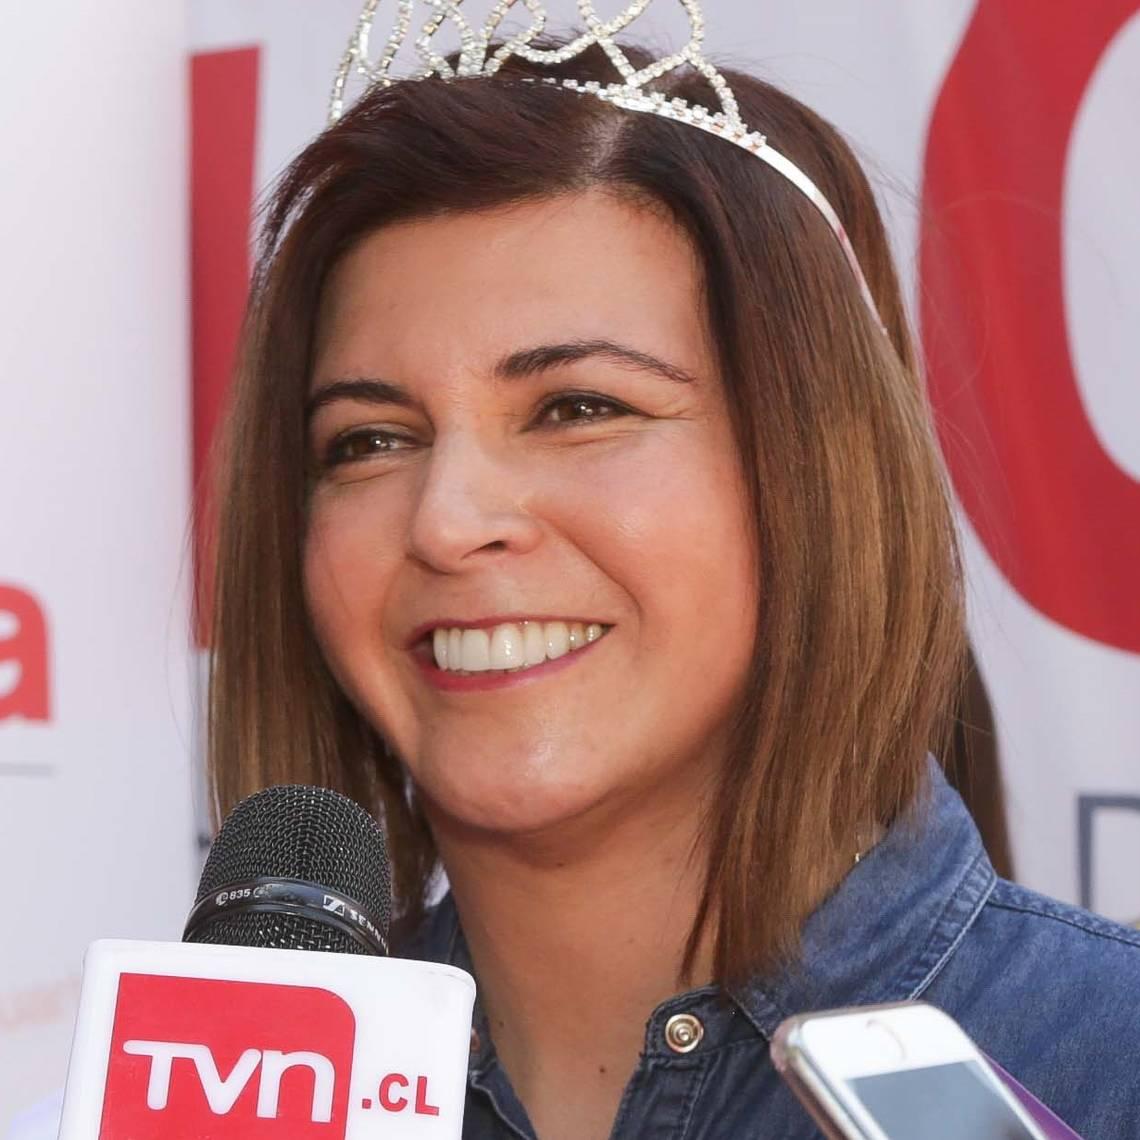 La emoción de Scarleth Cárdenas al recibir la corona de Olmué